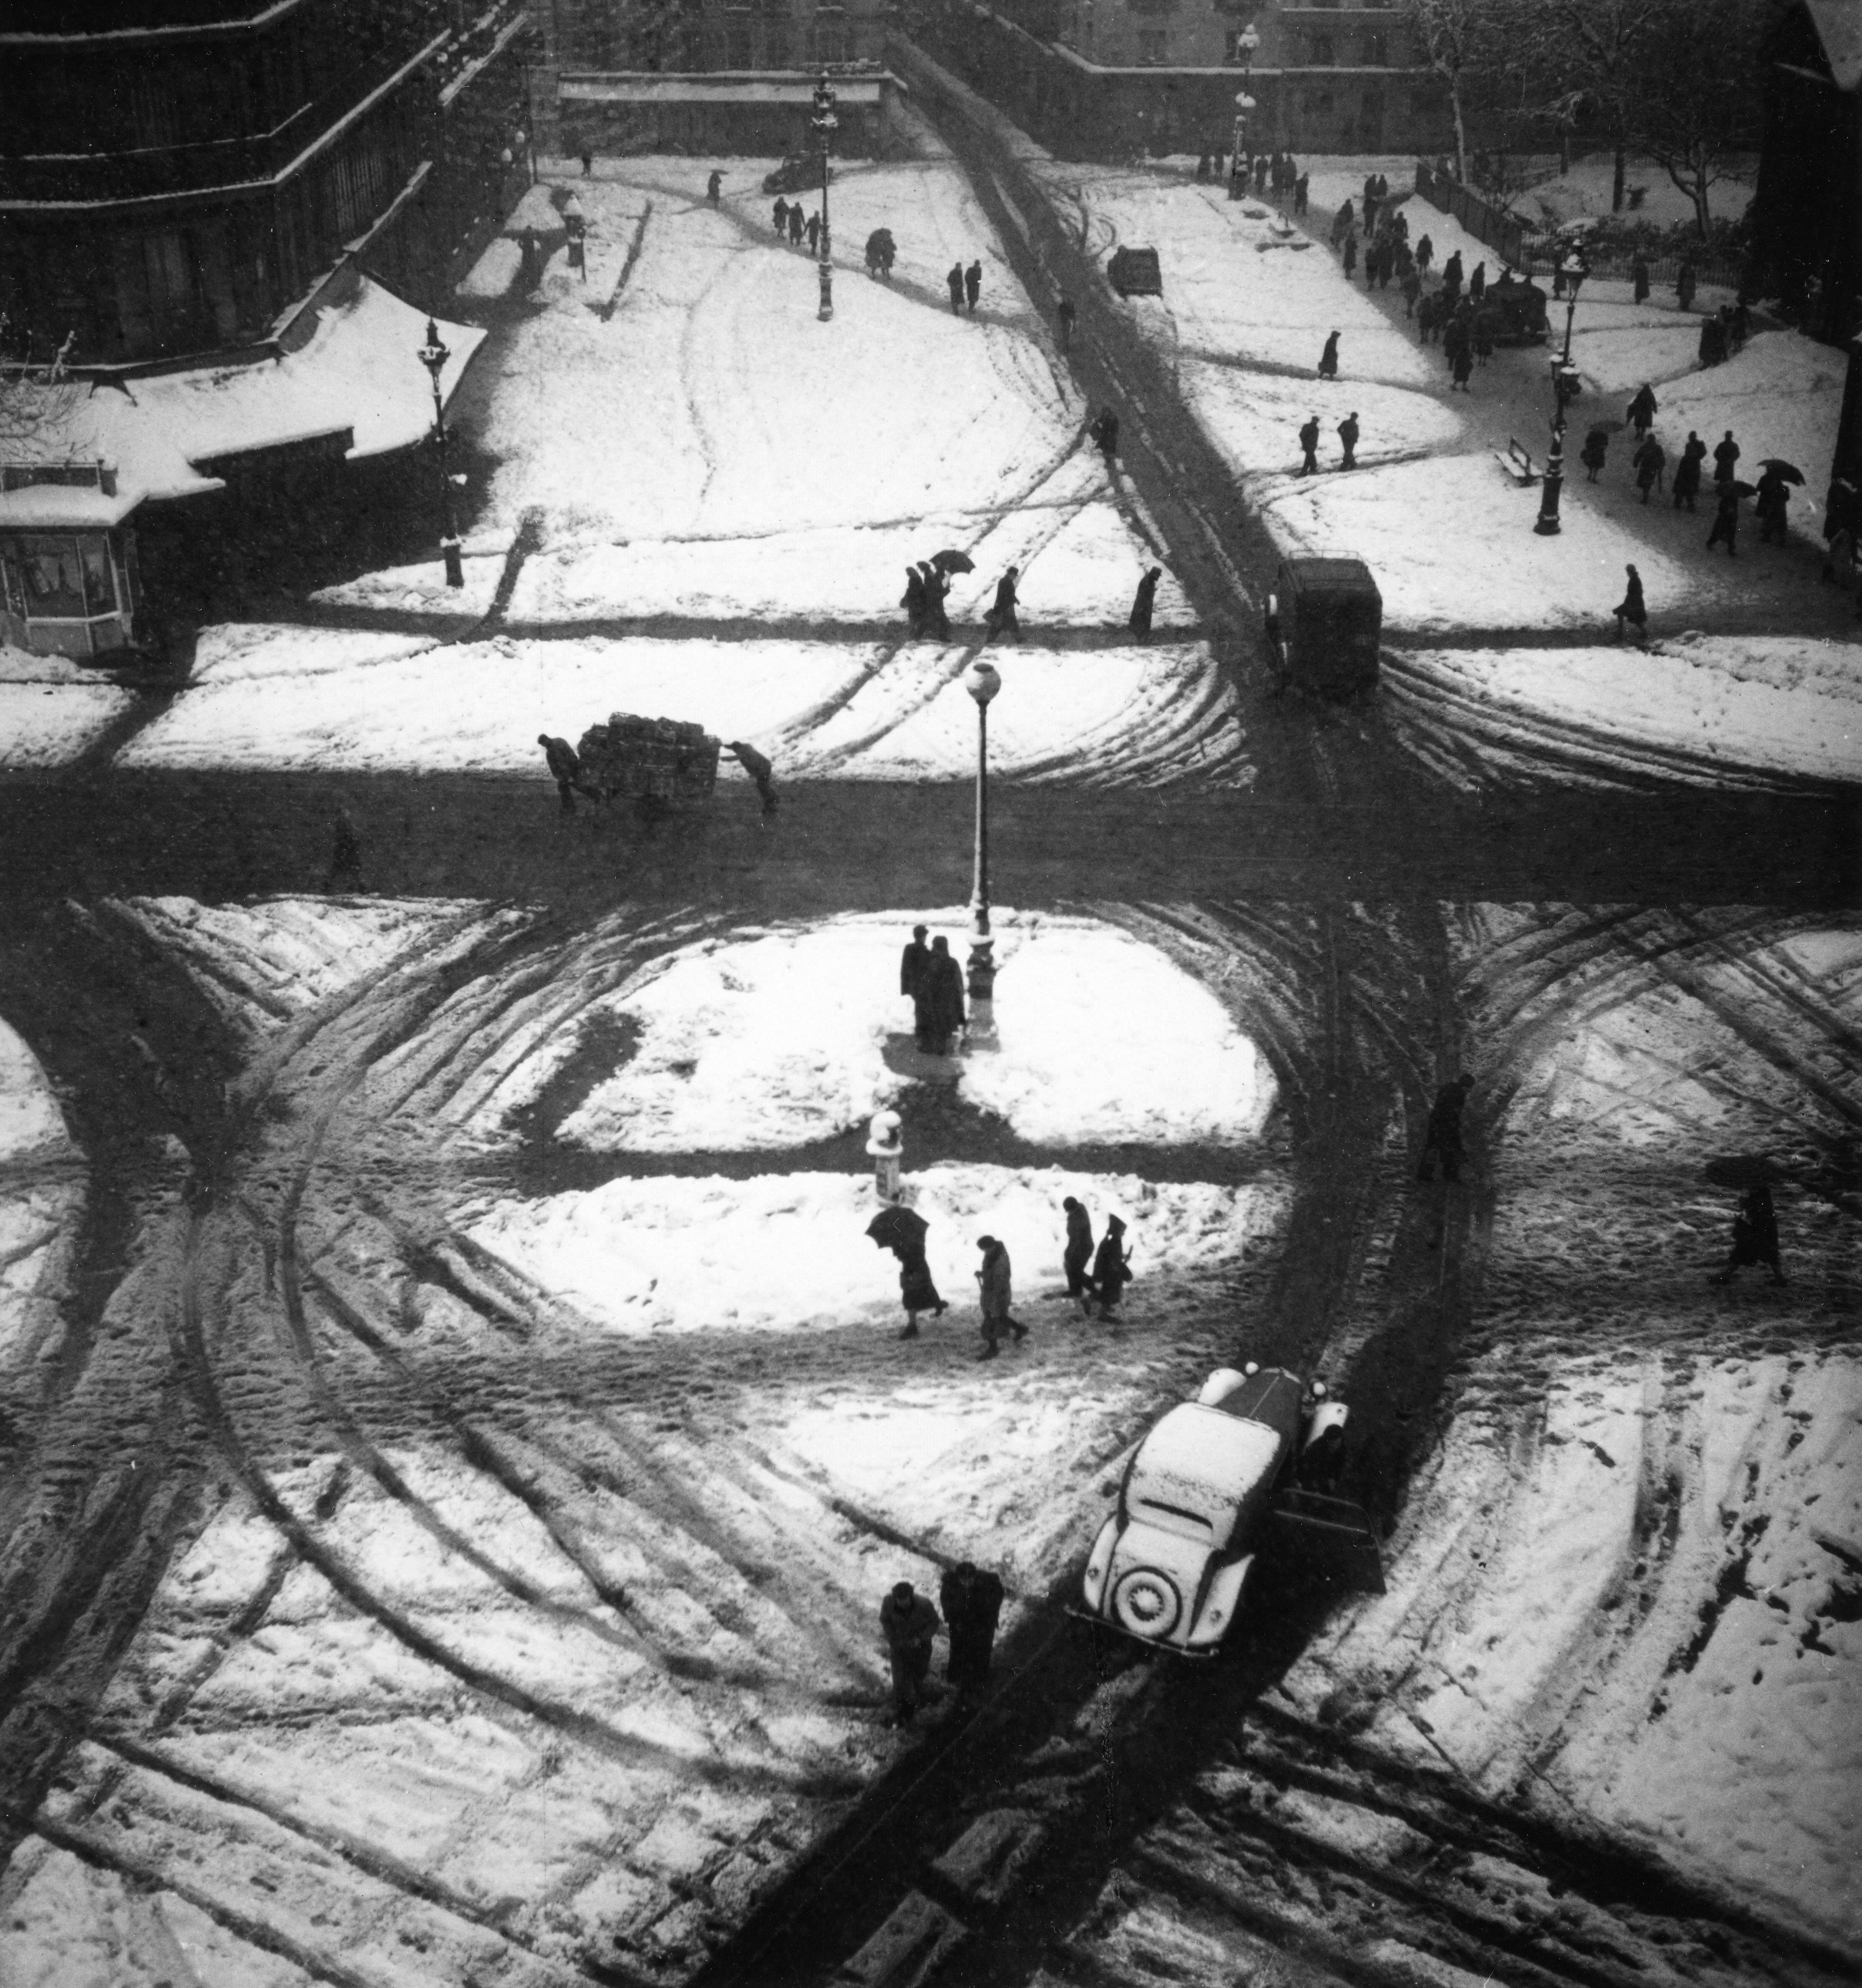 Fotó: Robert Doisneau: Saint-Germain kereszteződés, Párizs, 1945, 18x18,5cm, zselatinos ezüst © Atelier Robert Doisneau